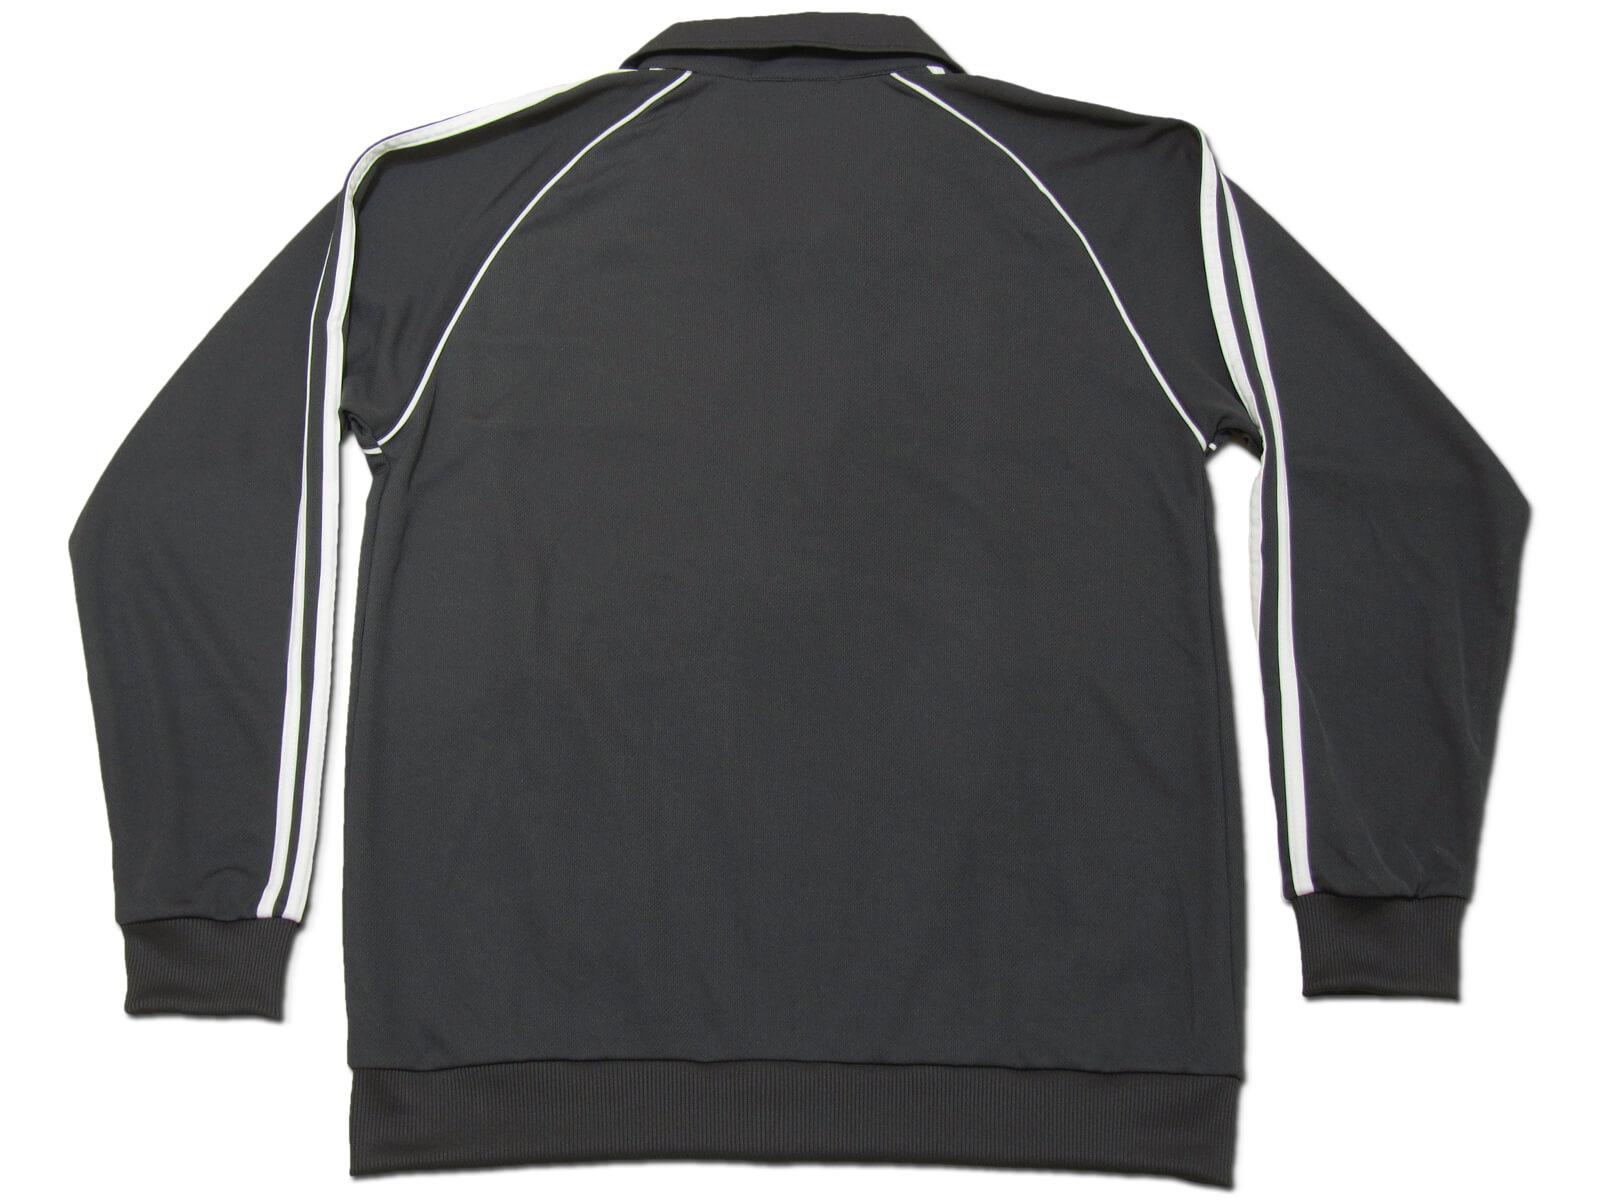 sun-e台灣製吸濕排汗薄外套、運動外套、單層薄外套、防曬外套、手臂配色織帶(310-7789-08)深藍色、(310-7789-21)黑色、(310-7789-22)深灰色 尺寸:L XL(胸圍:44~46英吋)(男女可穿) [實體店面保障] 6